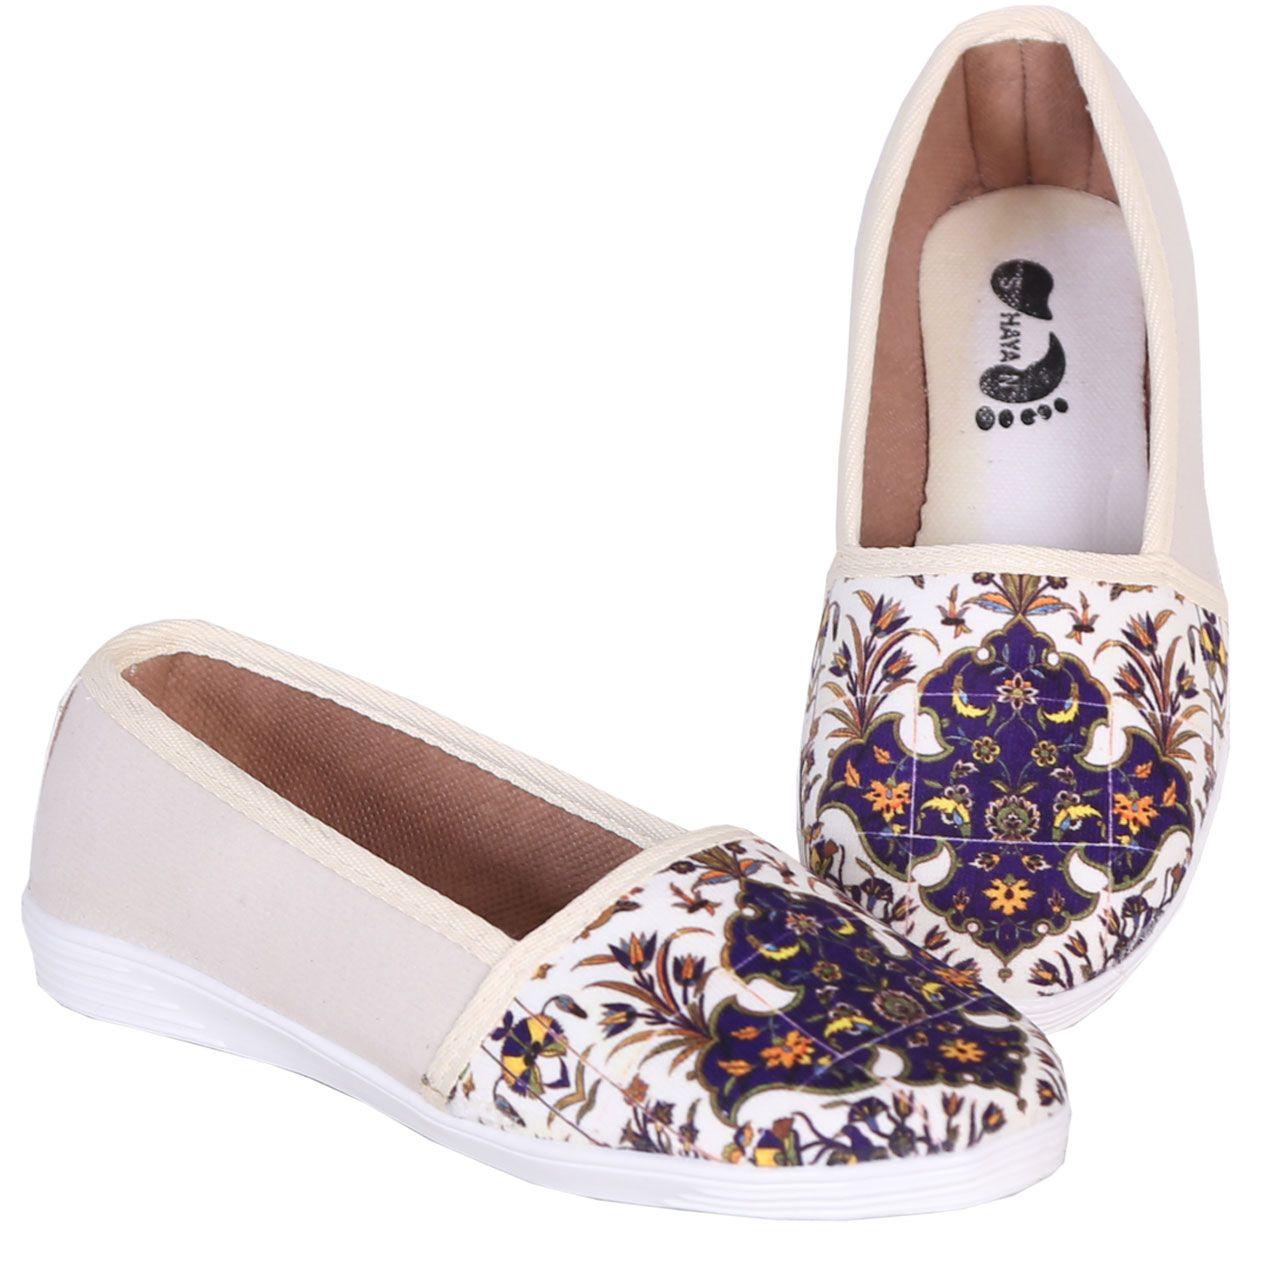 ست کیف و کفش زنانه طرح کاشی کد sg810 main 1 2